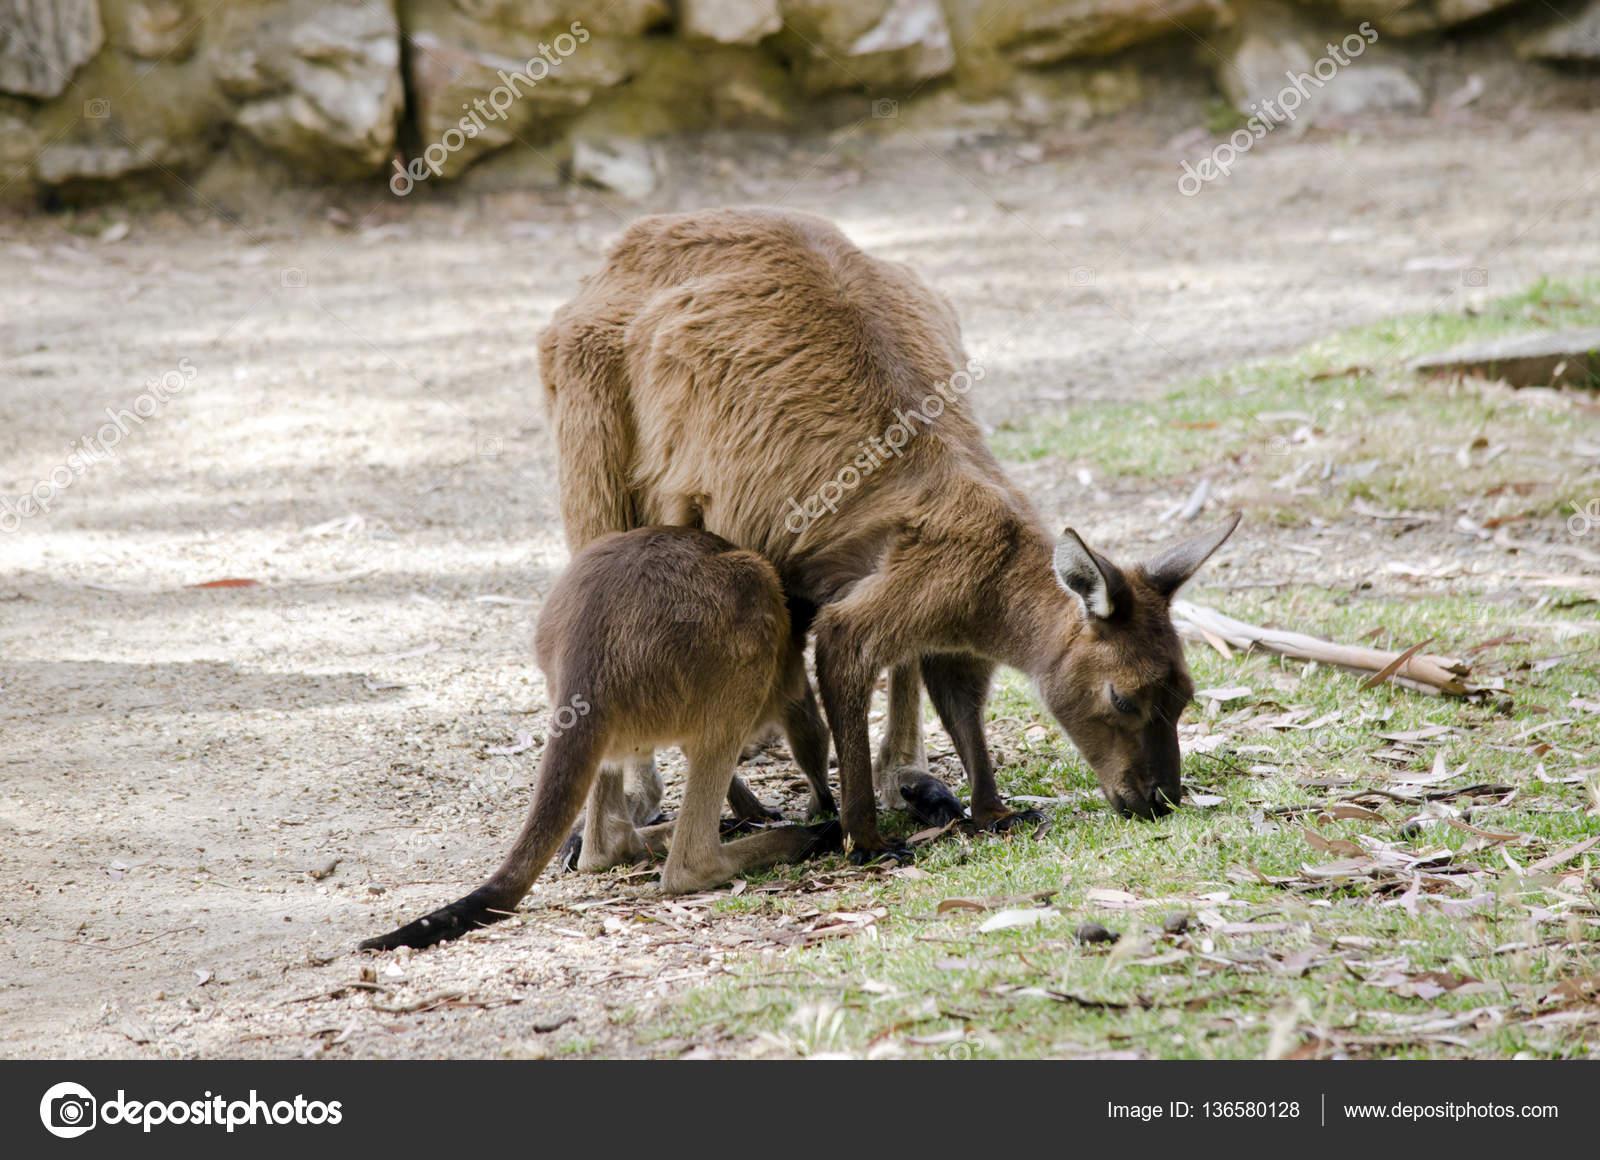 Секс с кенгуру онлайн, Кенгуру секс. Смотреть на сайте online 24 фотография